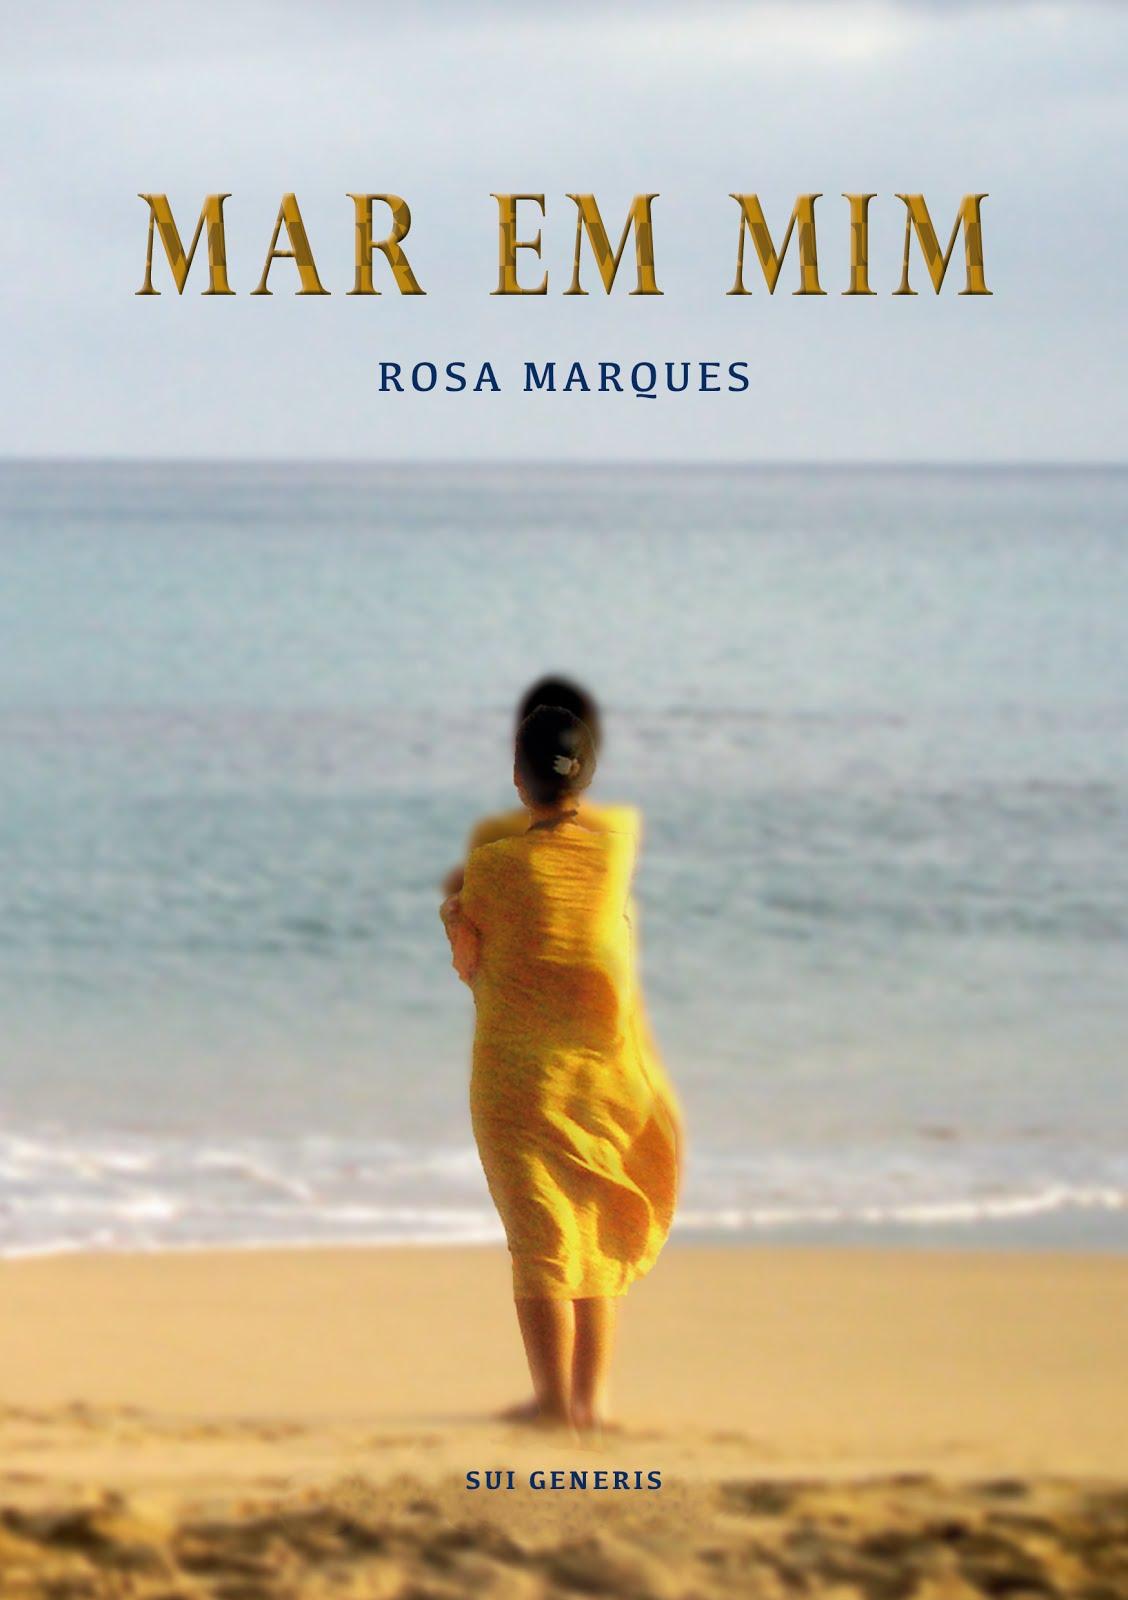 Prefaciei e Editei «MAR EM MIM», o livro que marca a estreia literária de Rosa Marques